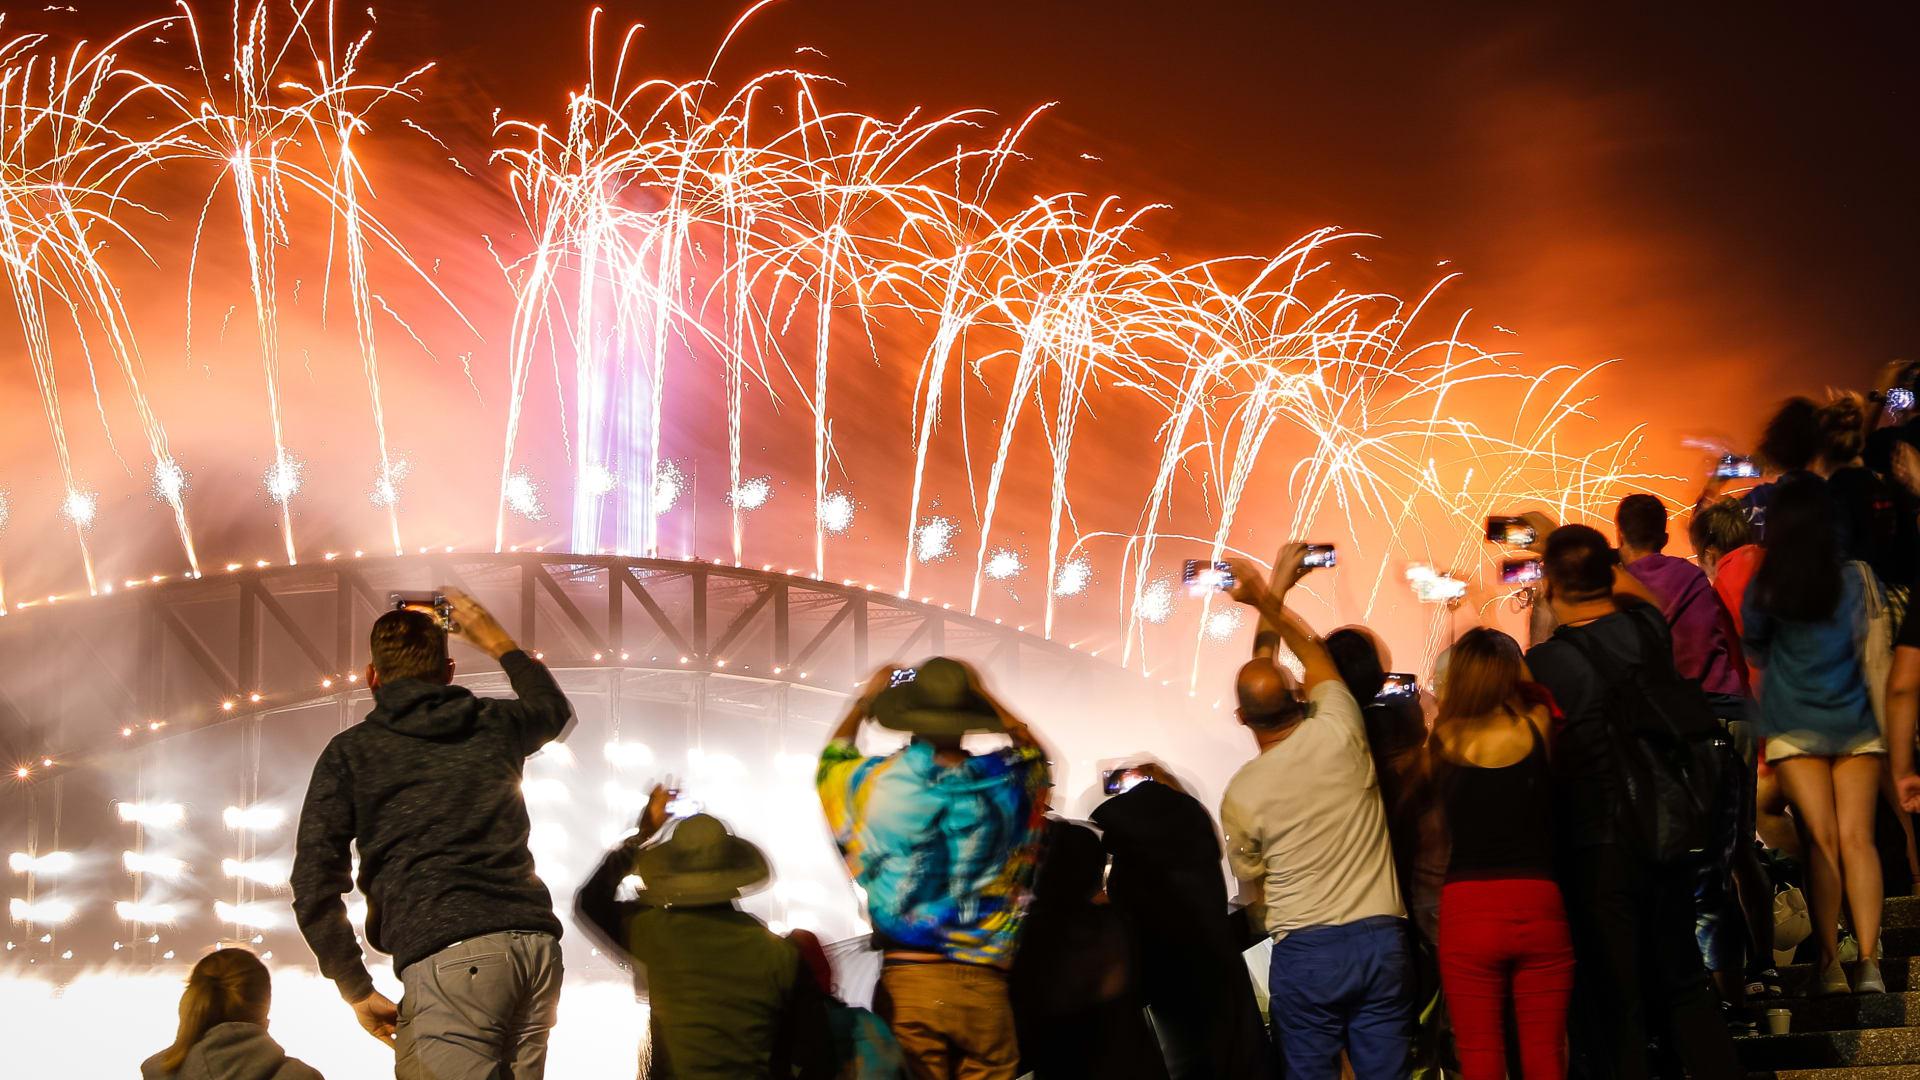 """احتفالات رأس السنة في زمن كورونا.. سيدني تقيد عرض الألعاب النارية الشهير إلى """"بضع دقائق"""""""